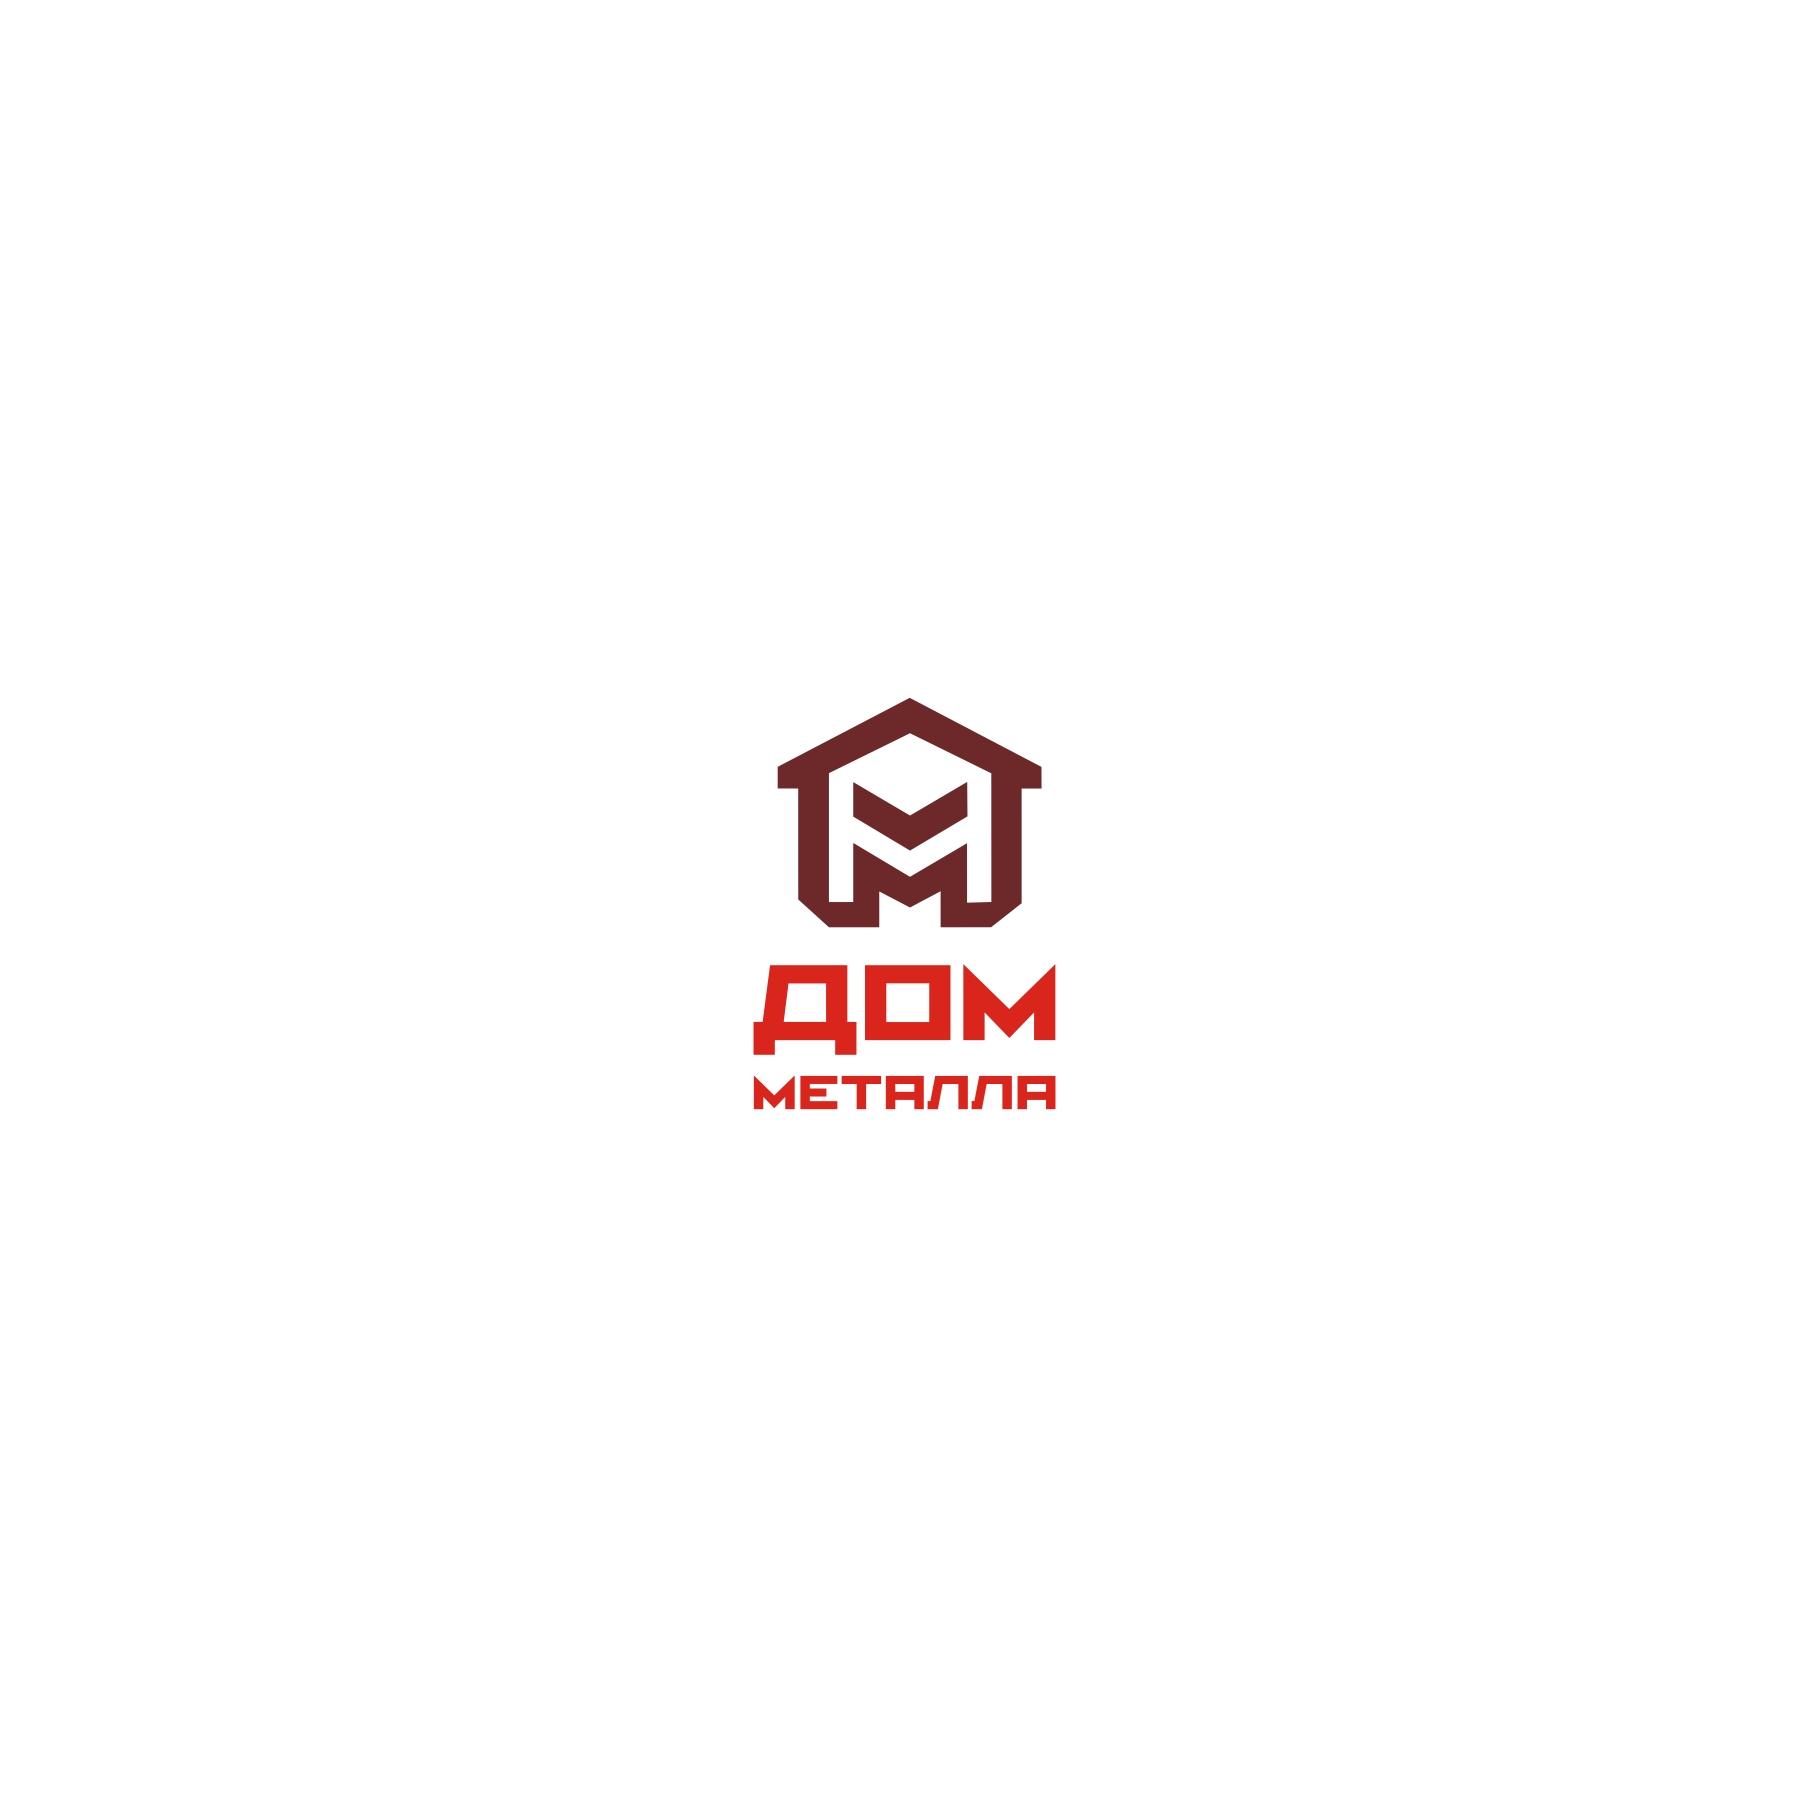 Разработка логотипа фото f_3735c59c57a91e33.jpg